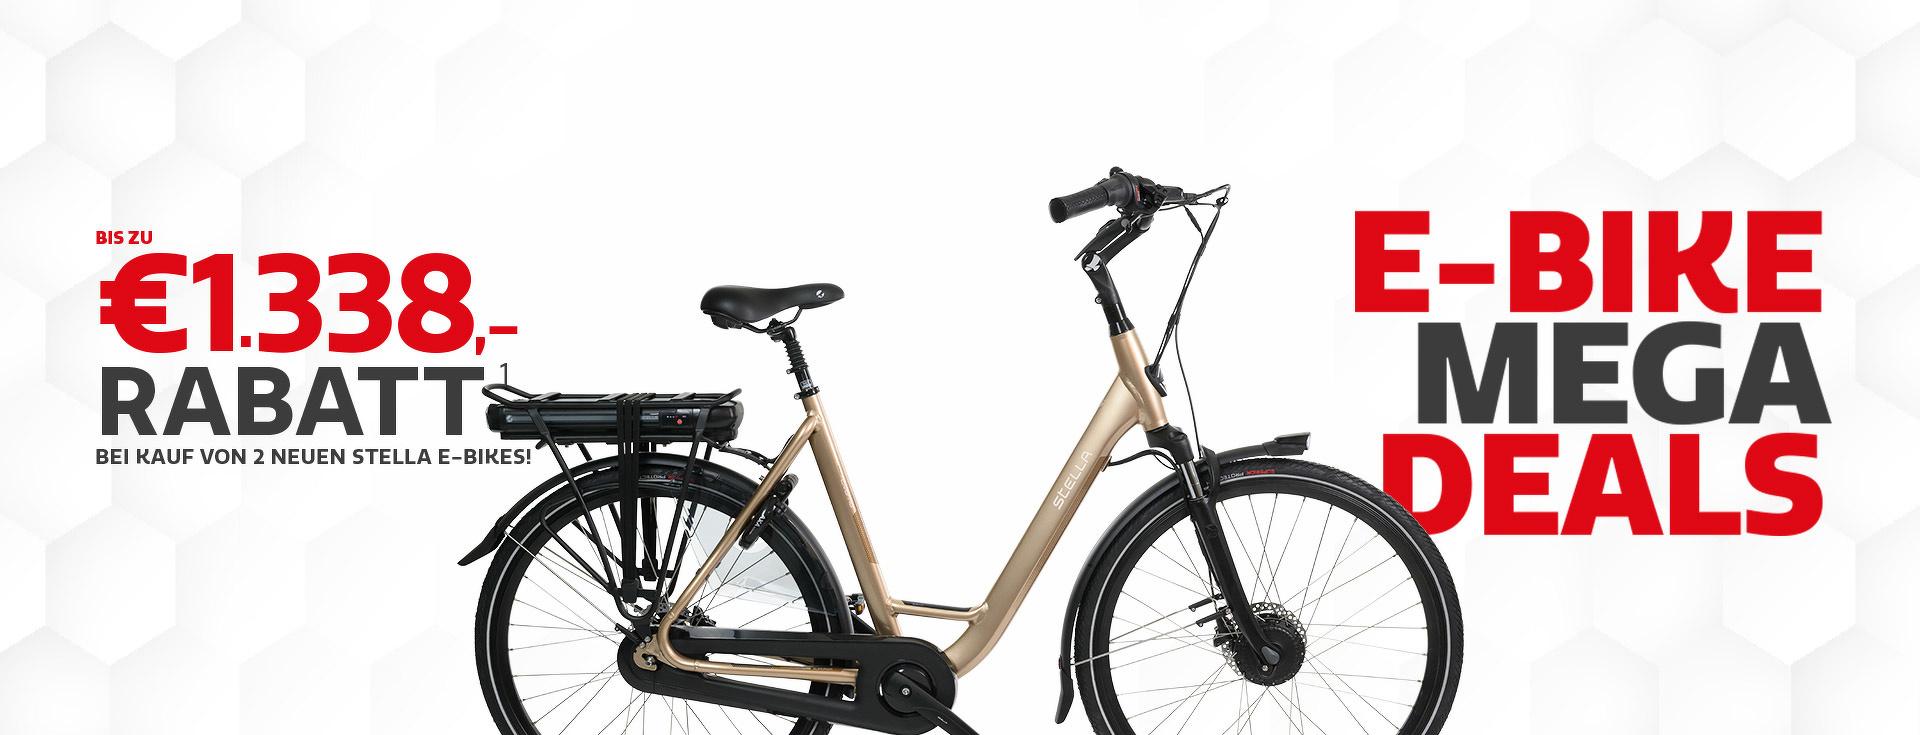 E-bike Mega Deals